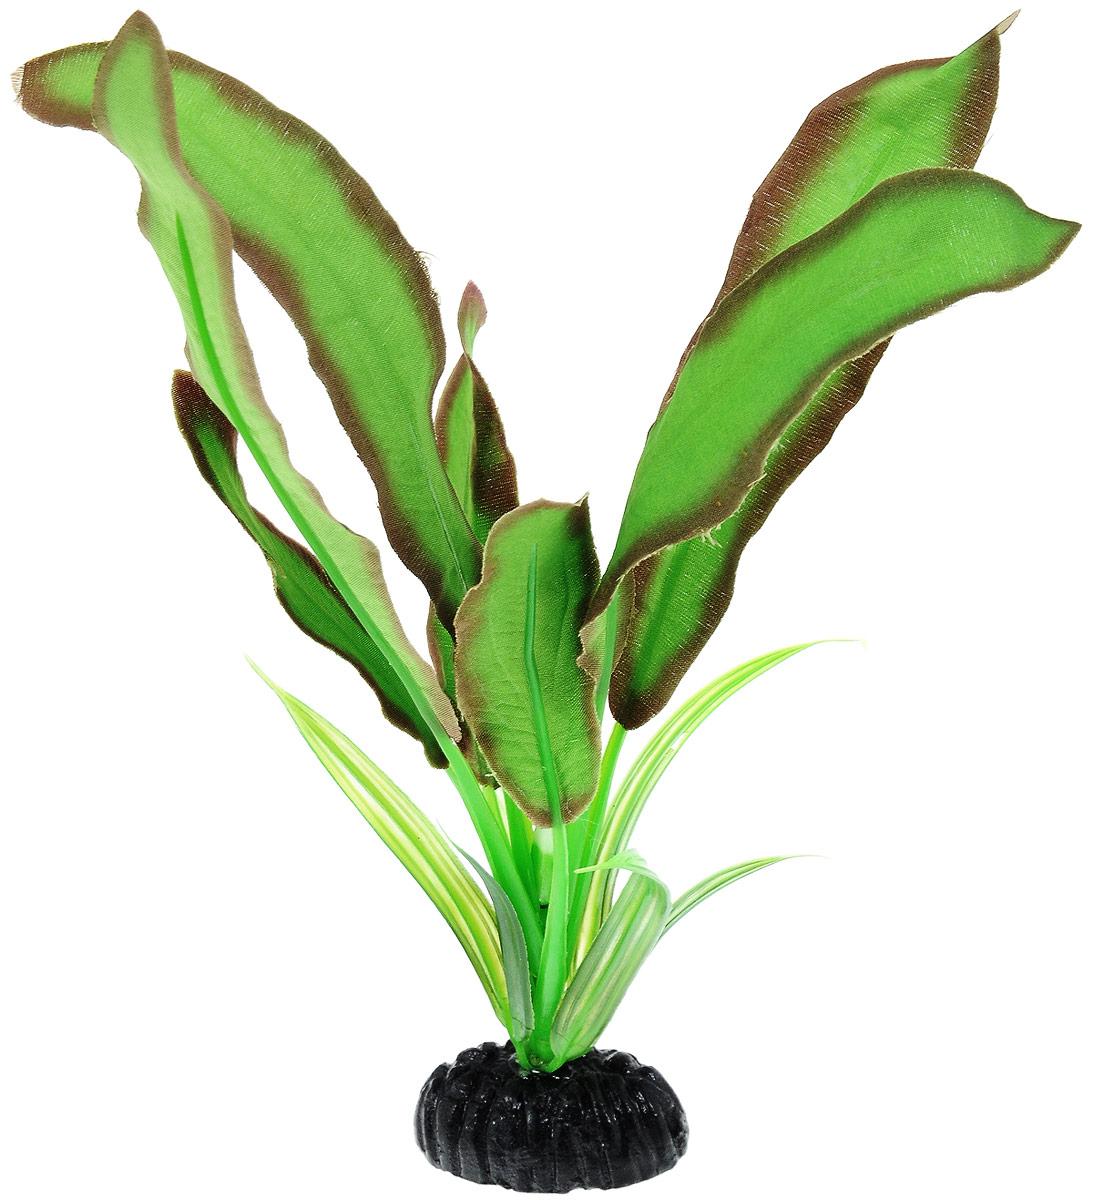 Растение для аквариума Barbus Эхинодорус Бартхи, шелковое, цвет: зеленый, коричневый, высота 20 смPlant 045/20Растение для аквариума Barbus Эхинодорус Бартхи, выполненное из высококачественногонетоксичногопластика и шелка, станет прекрасным украшением вашего аквариума. Шелковое растениеидеально подходит для дизайна всех видов аквариумов. В воде происходит абсолютнаяимитация живых растений. Изделие не требует дополнительного ухода и просто в применении. Растение абсолютно безопасно, нейтрально к водному балансу, устойчиво к истиранию краски,подходит как для пресноводного, так и для морского аквариума.Растение для аквариума Barbus Эхинодорус Бартхи поможет вам смоделировать потрясающийпейзажна дне вашего аквариума или террариума.